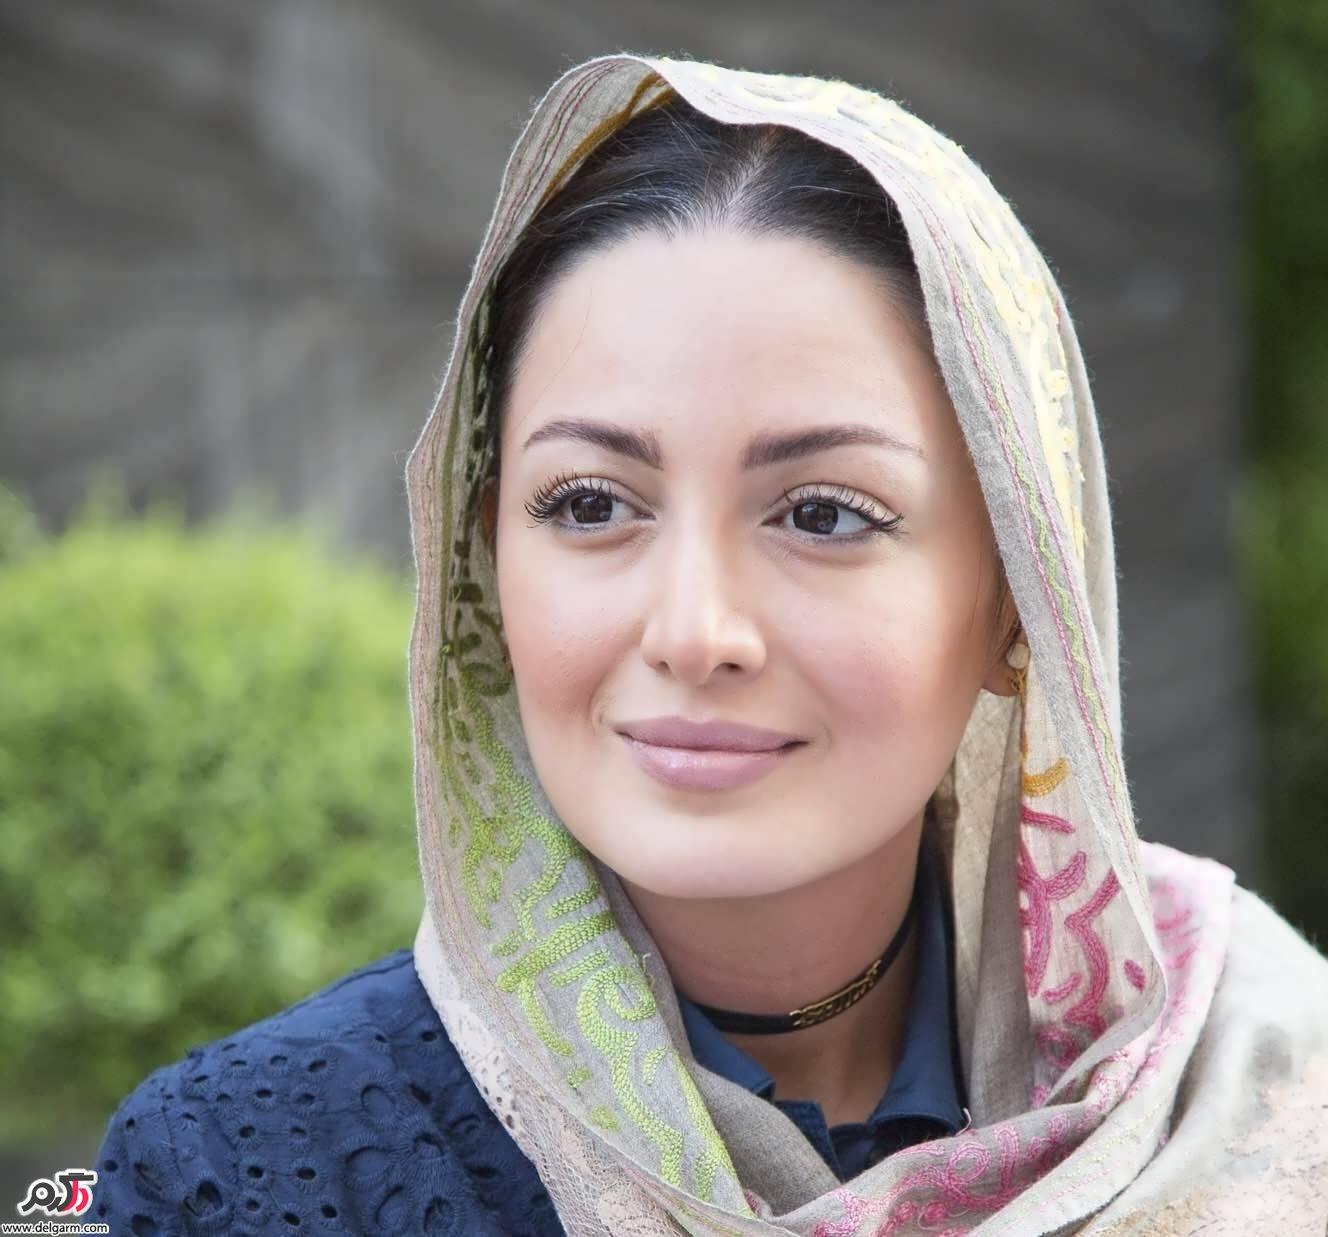 بیوگرافی + عکس جدید 2018 از اینستاگرام شیلا خداداد بازیگر محبوب ایرانی